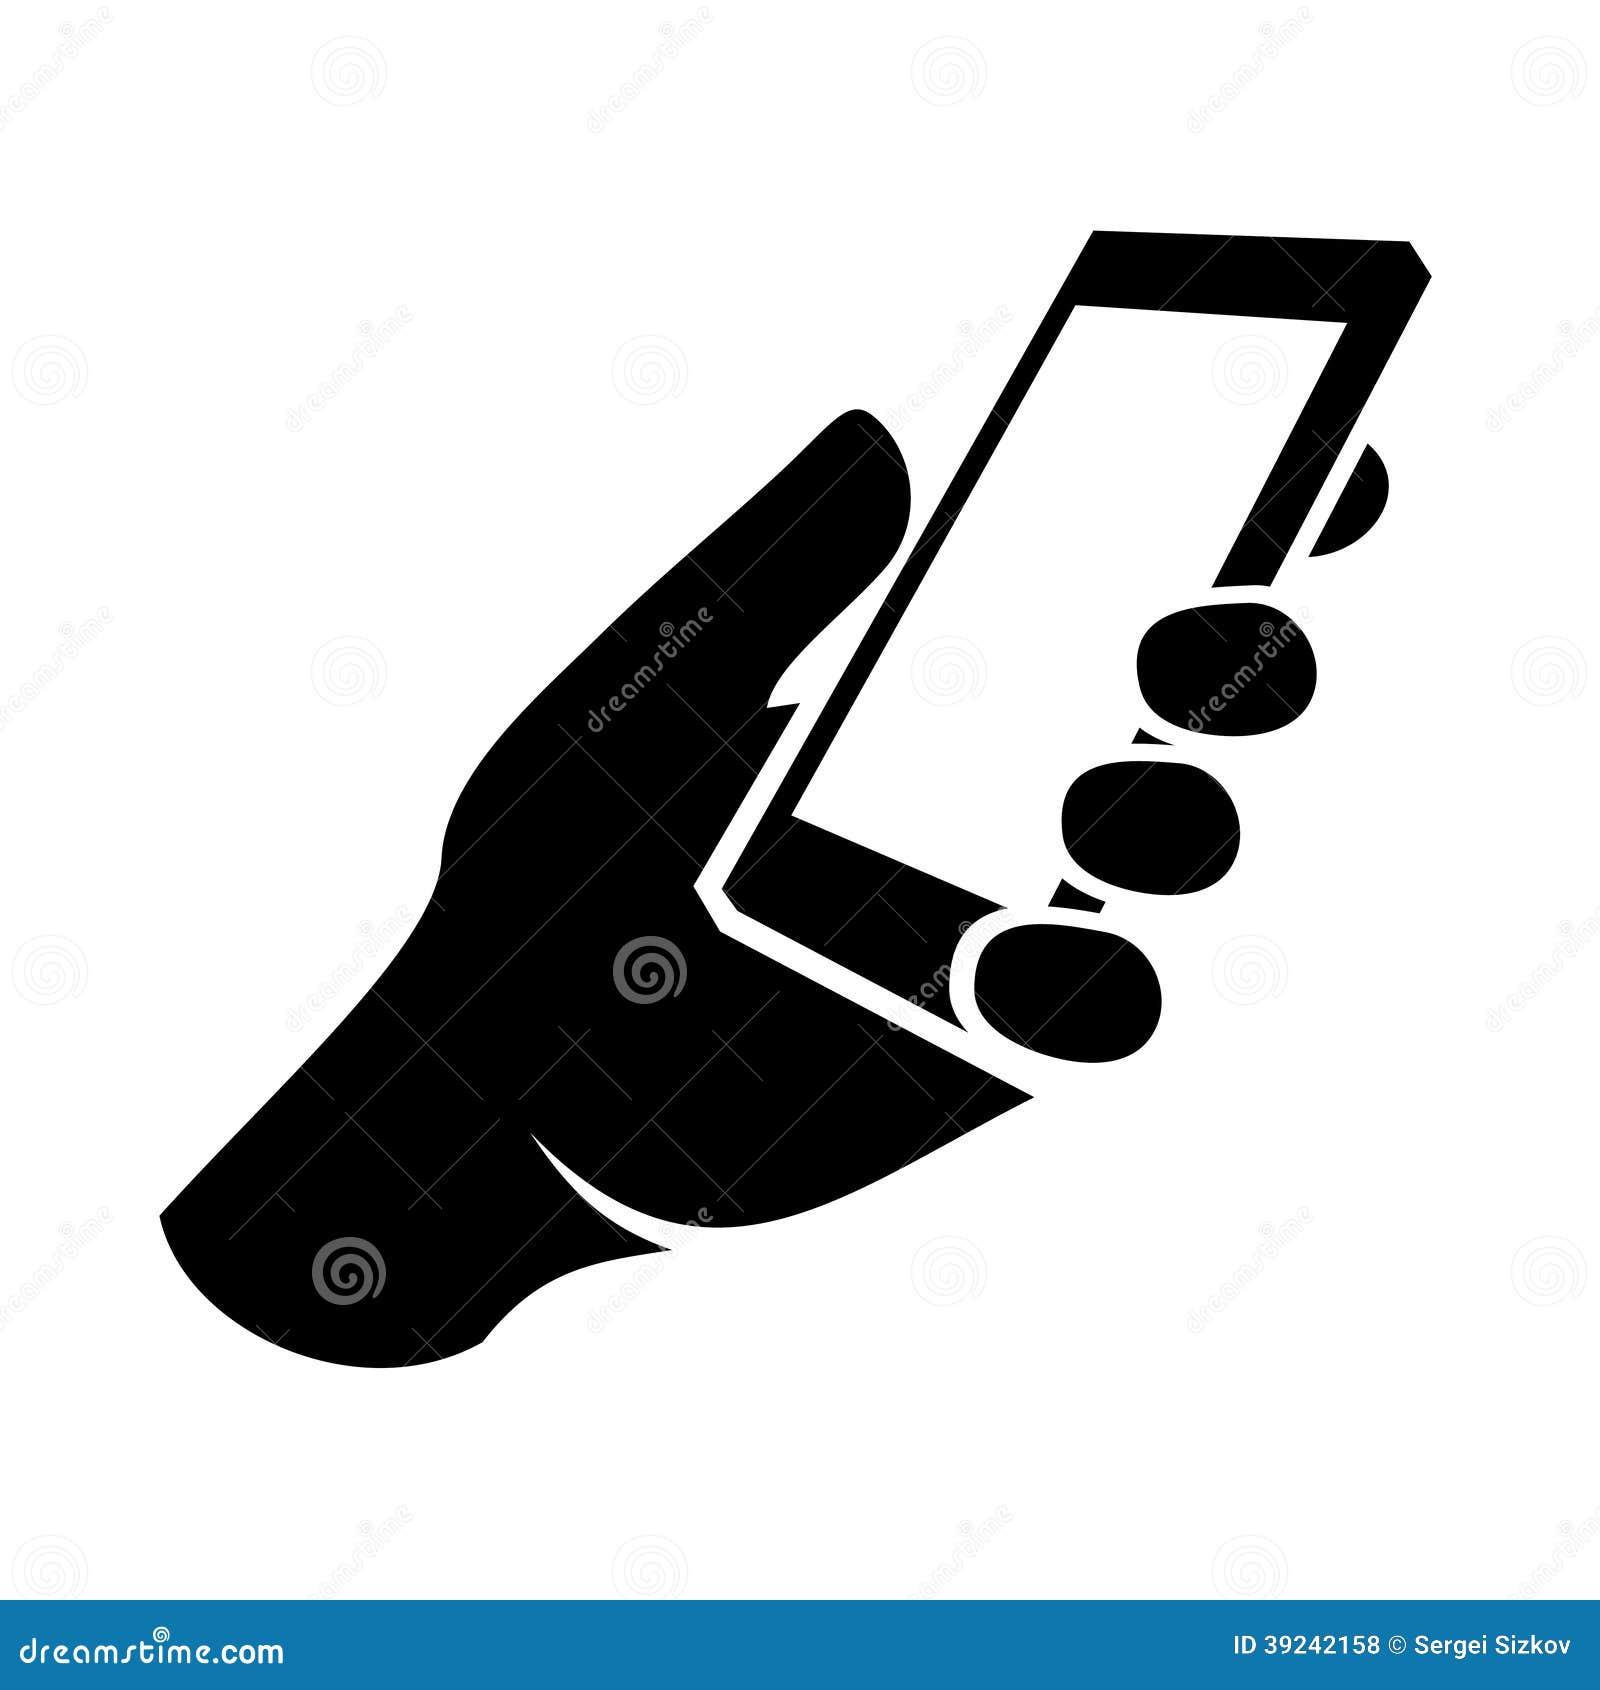 Мобильный телефон в значке руки. Вектор